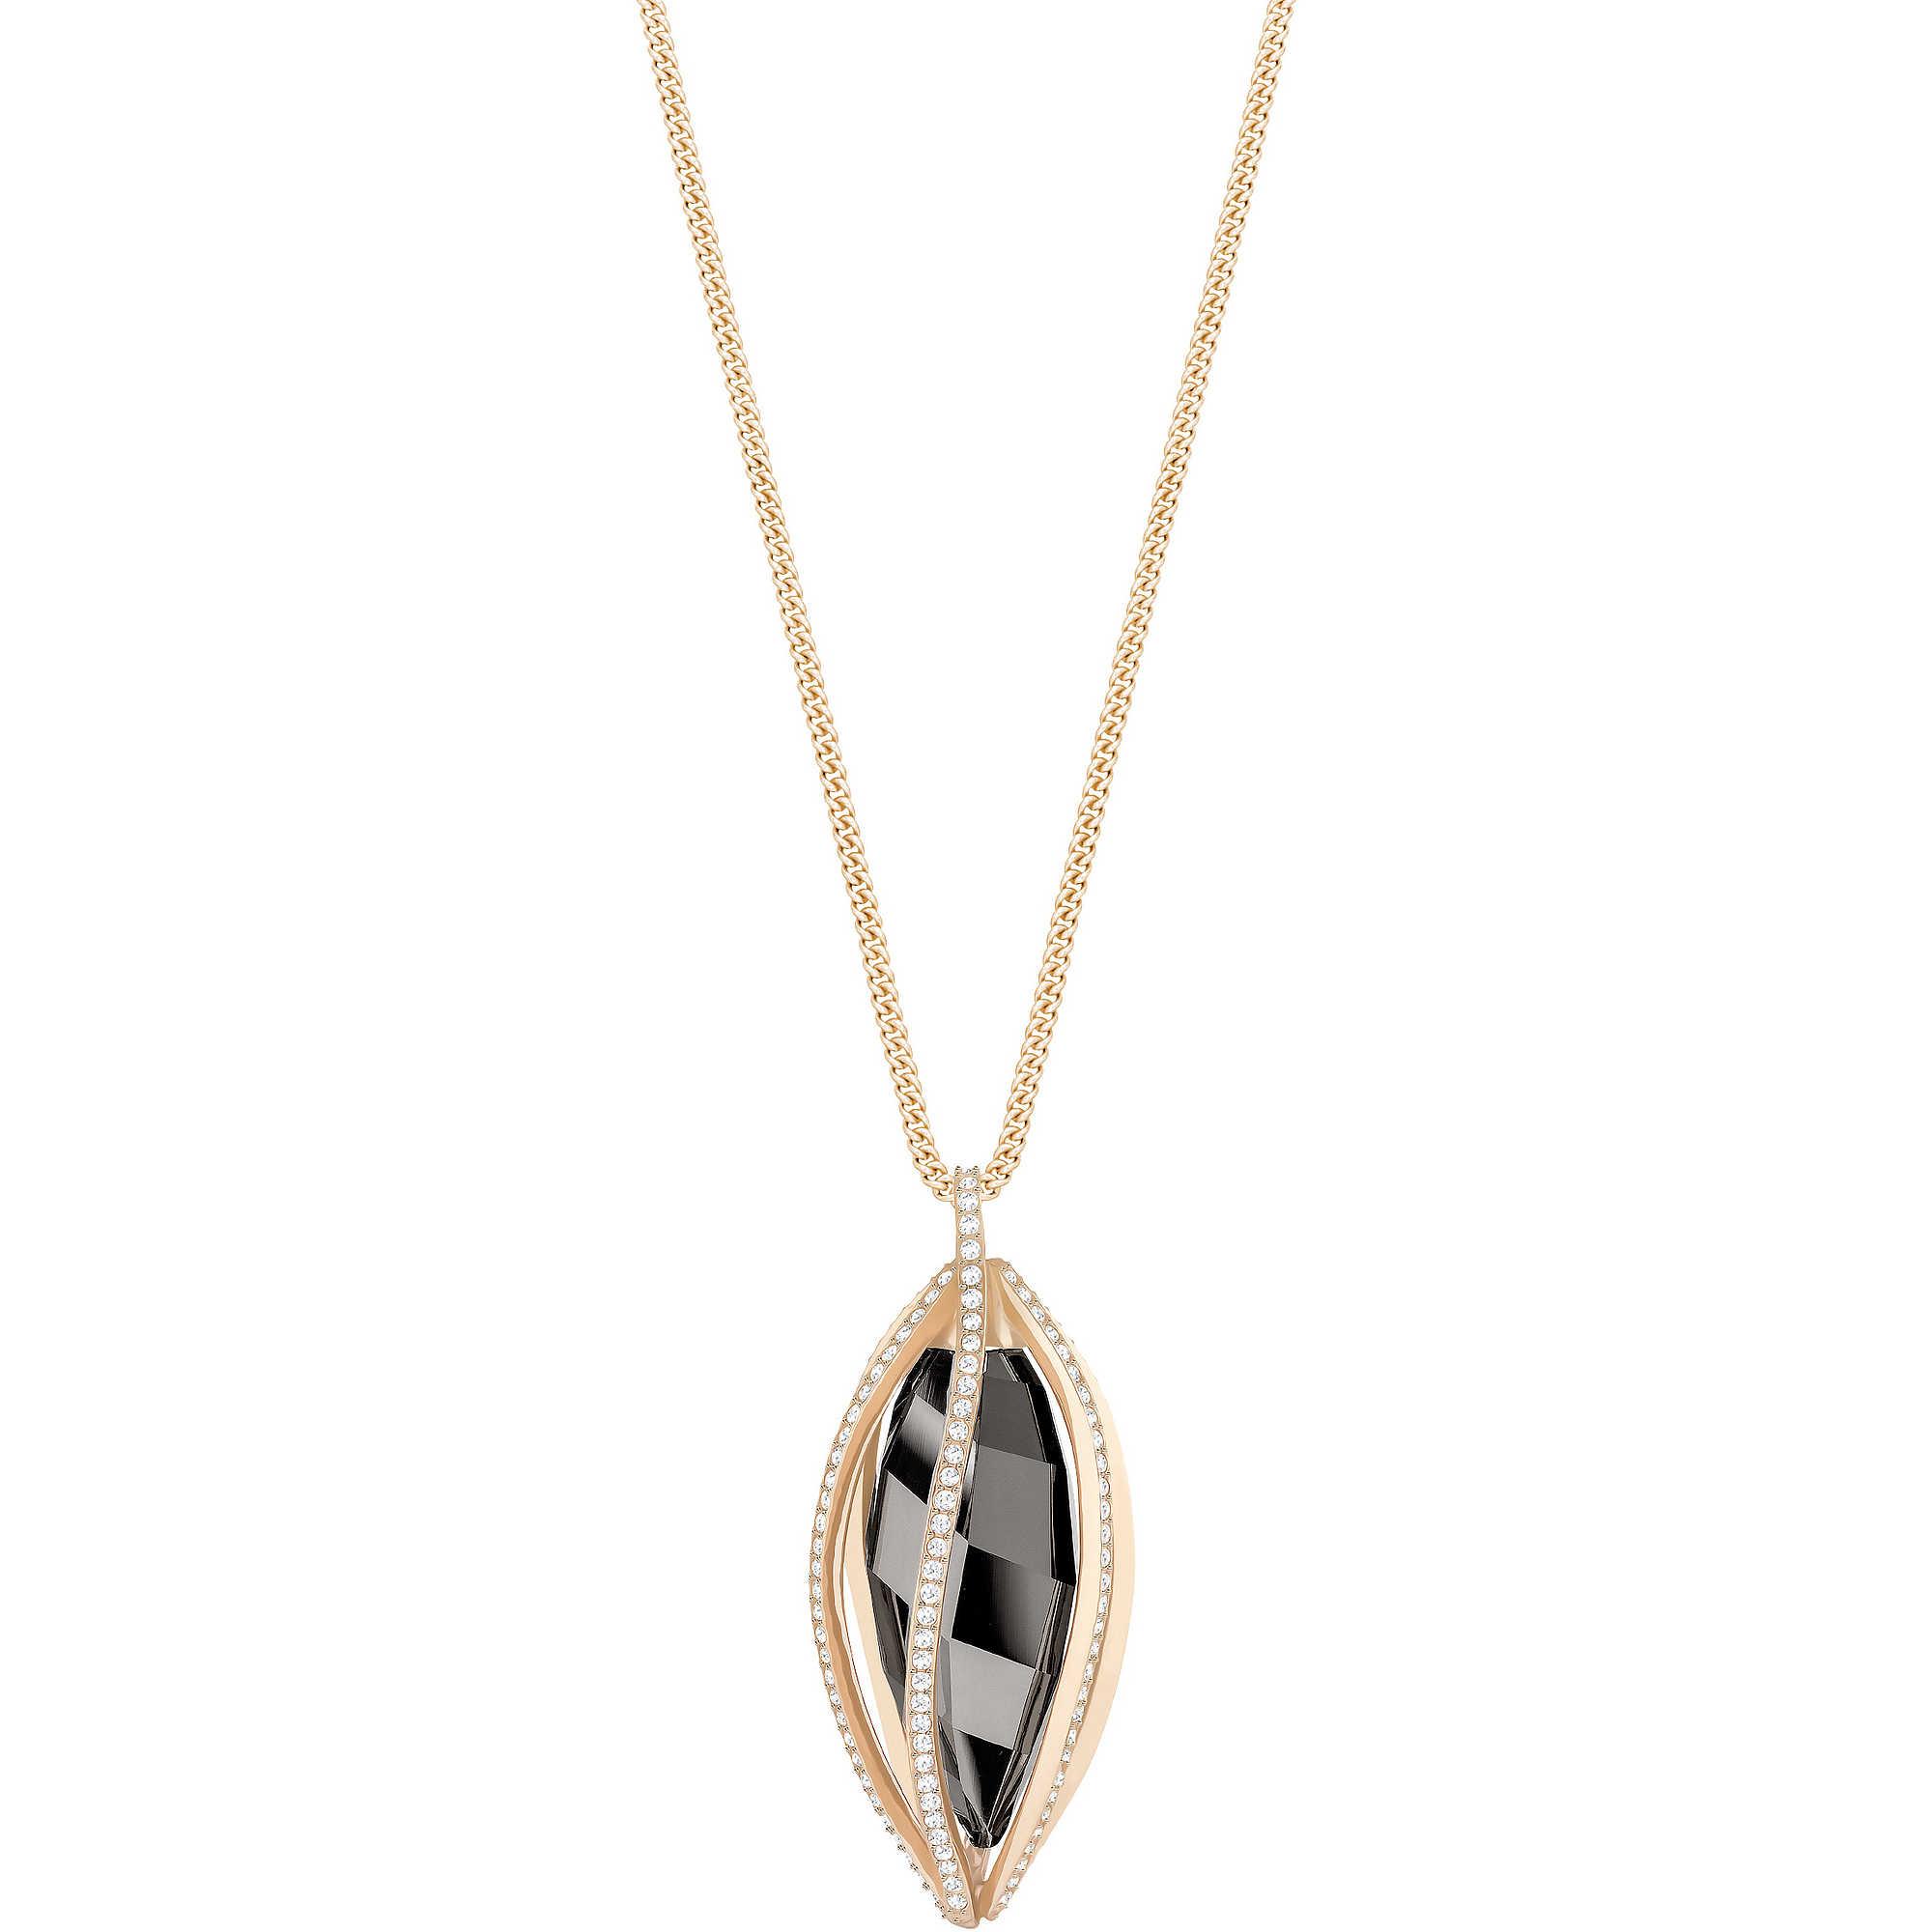 swarovski zoom htm hall necklaces woman ferrari en necklace jewellery